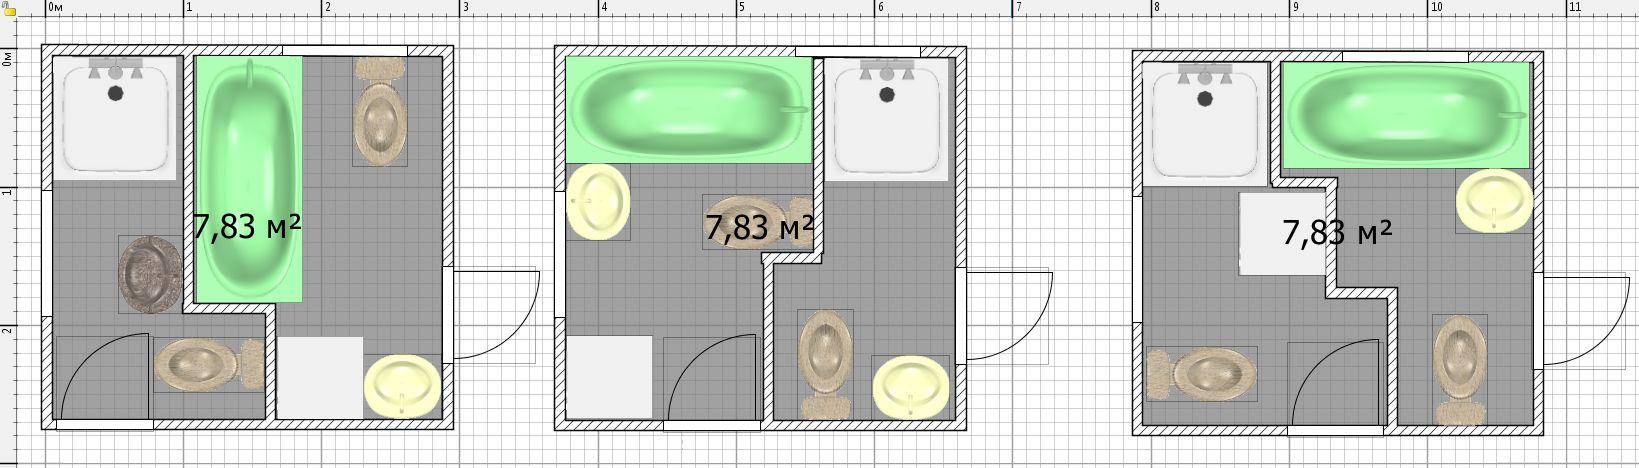 ванной и санузла на даче